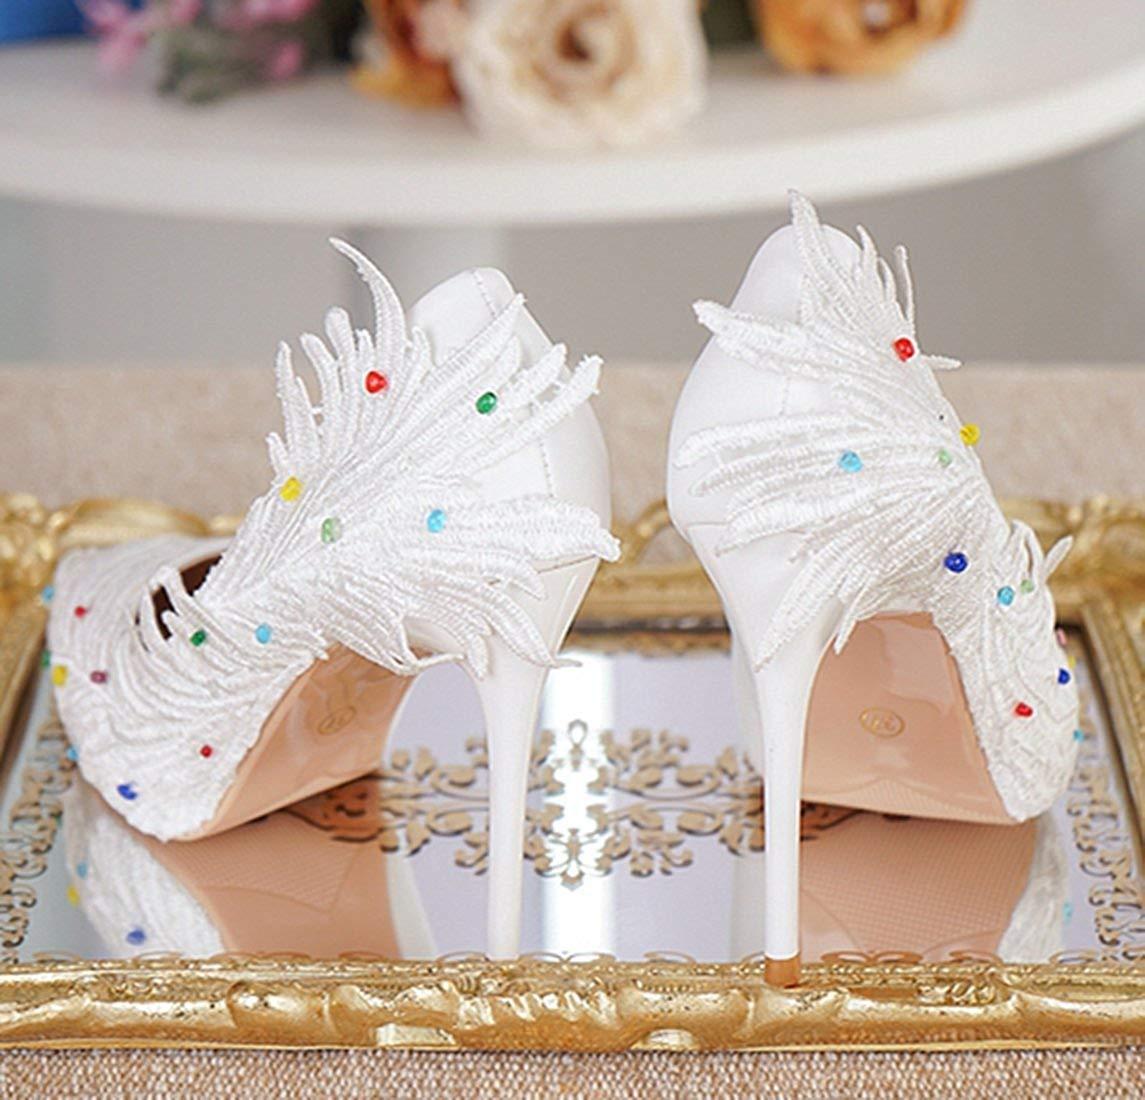 Qiusa Damen grünen Stil Slip-on Satin Braut Hochzeit Hochzeit Hochzeit Outdoor-Pumps (Farbe   Weiß-9cm Heel, Größe   2.5 UK) 44eda2